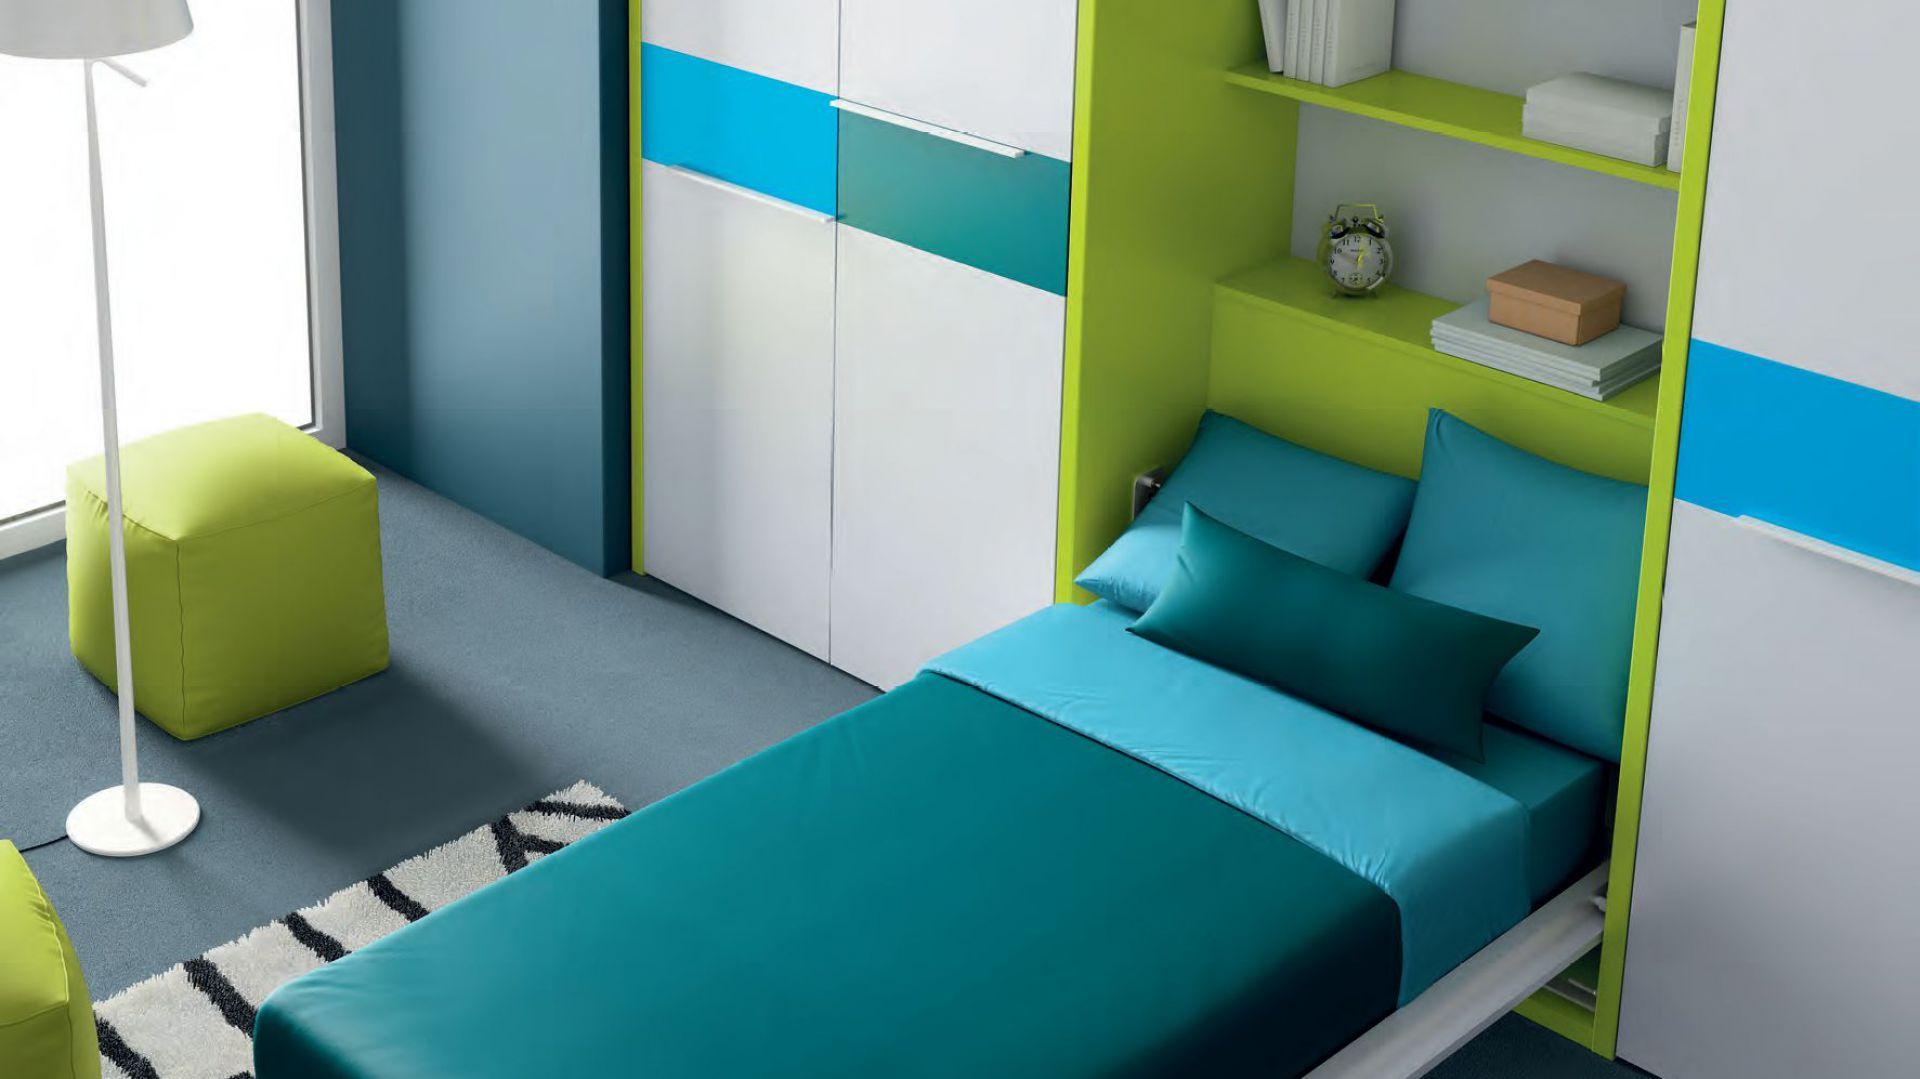 łóżko W Szafie Praktyczny Mebel Do Małego Pokoju